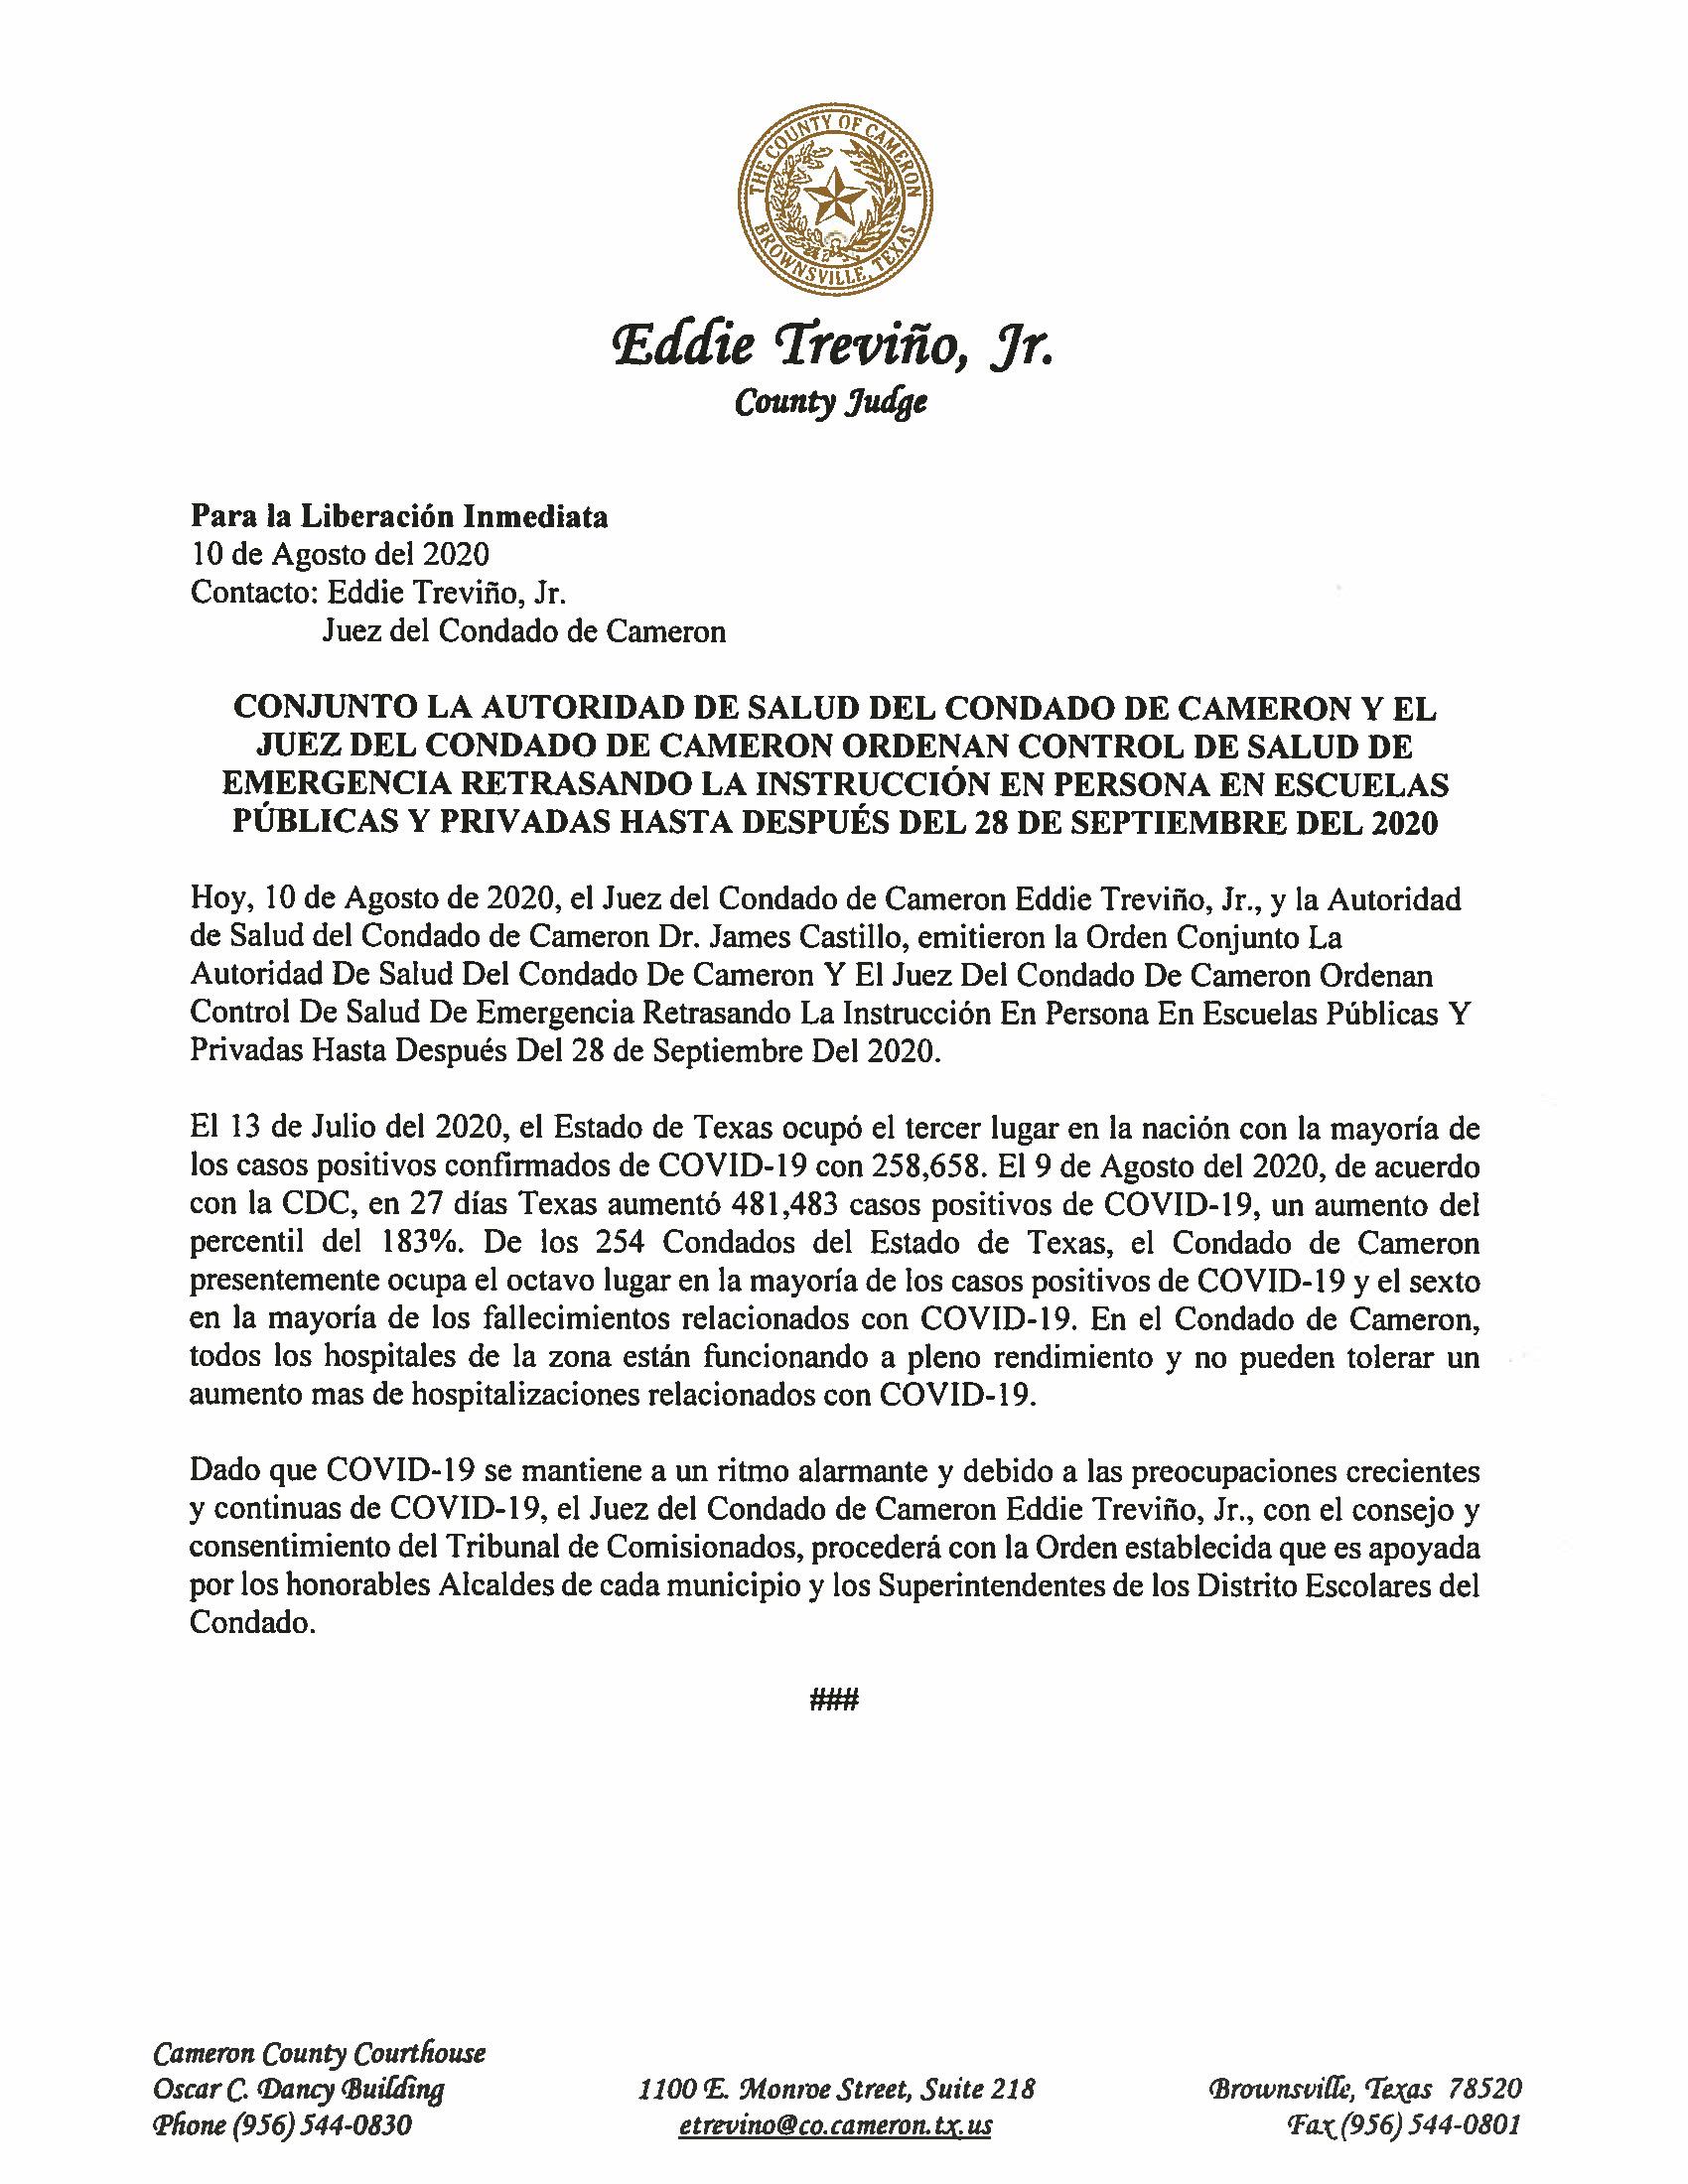 08.10.2020 Orden Conjunto La Autoridad De Salud Y El Juez Del Condado De Cameron